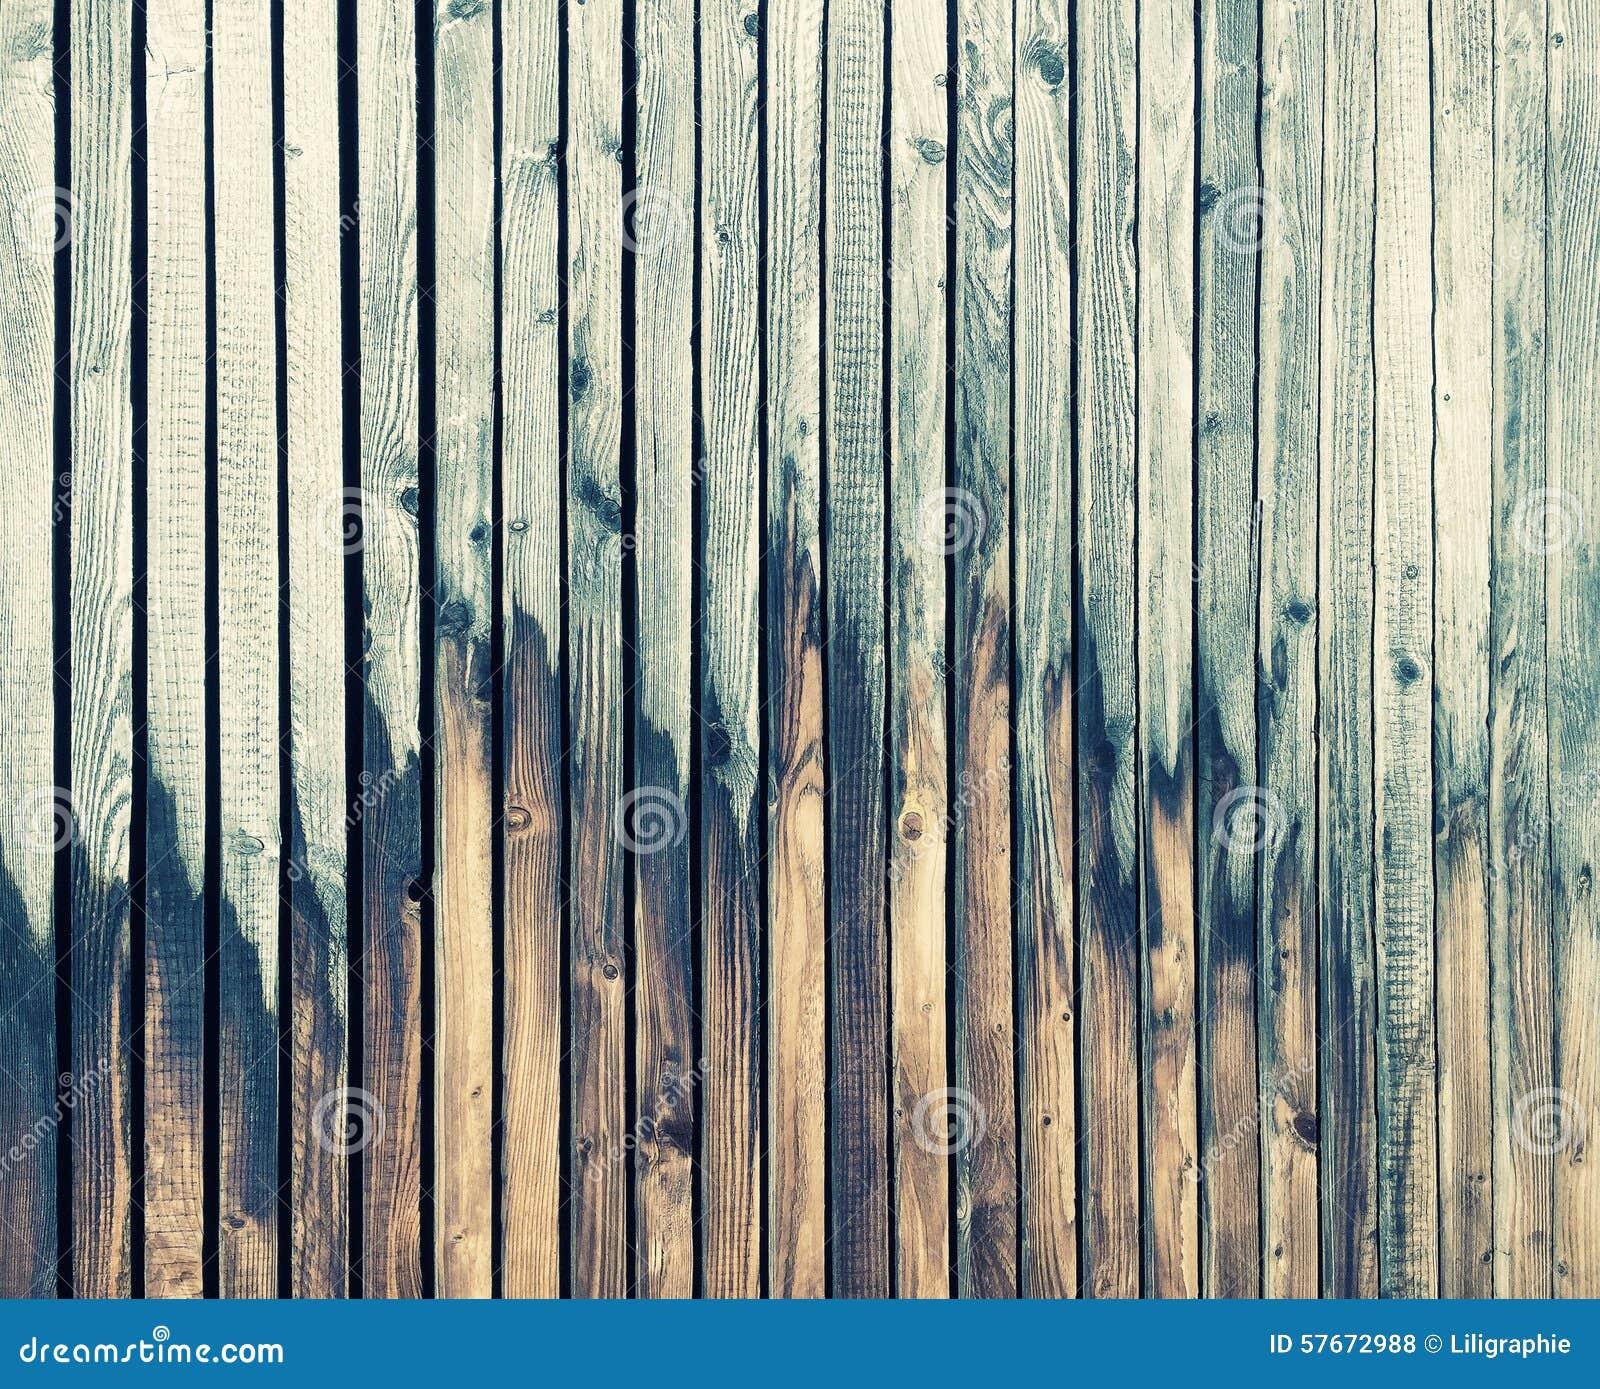 Rocznika drewniany tło - strzał w strukturę tapety styl retro